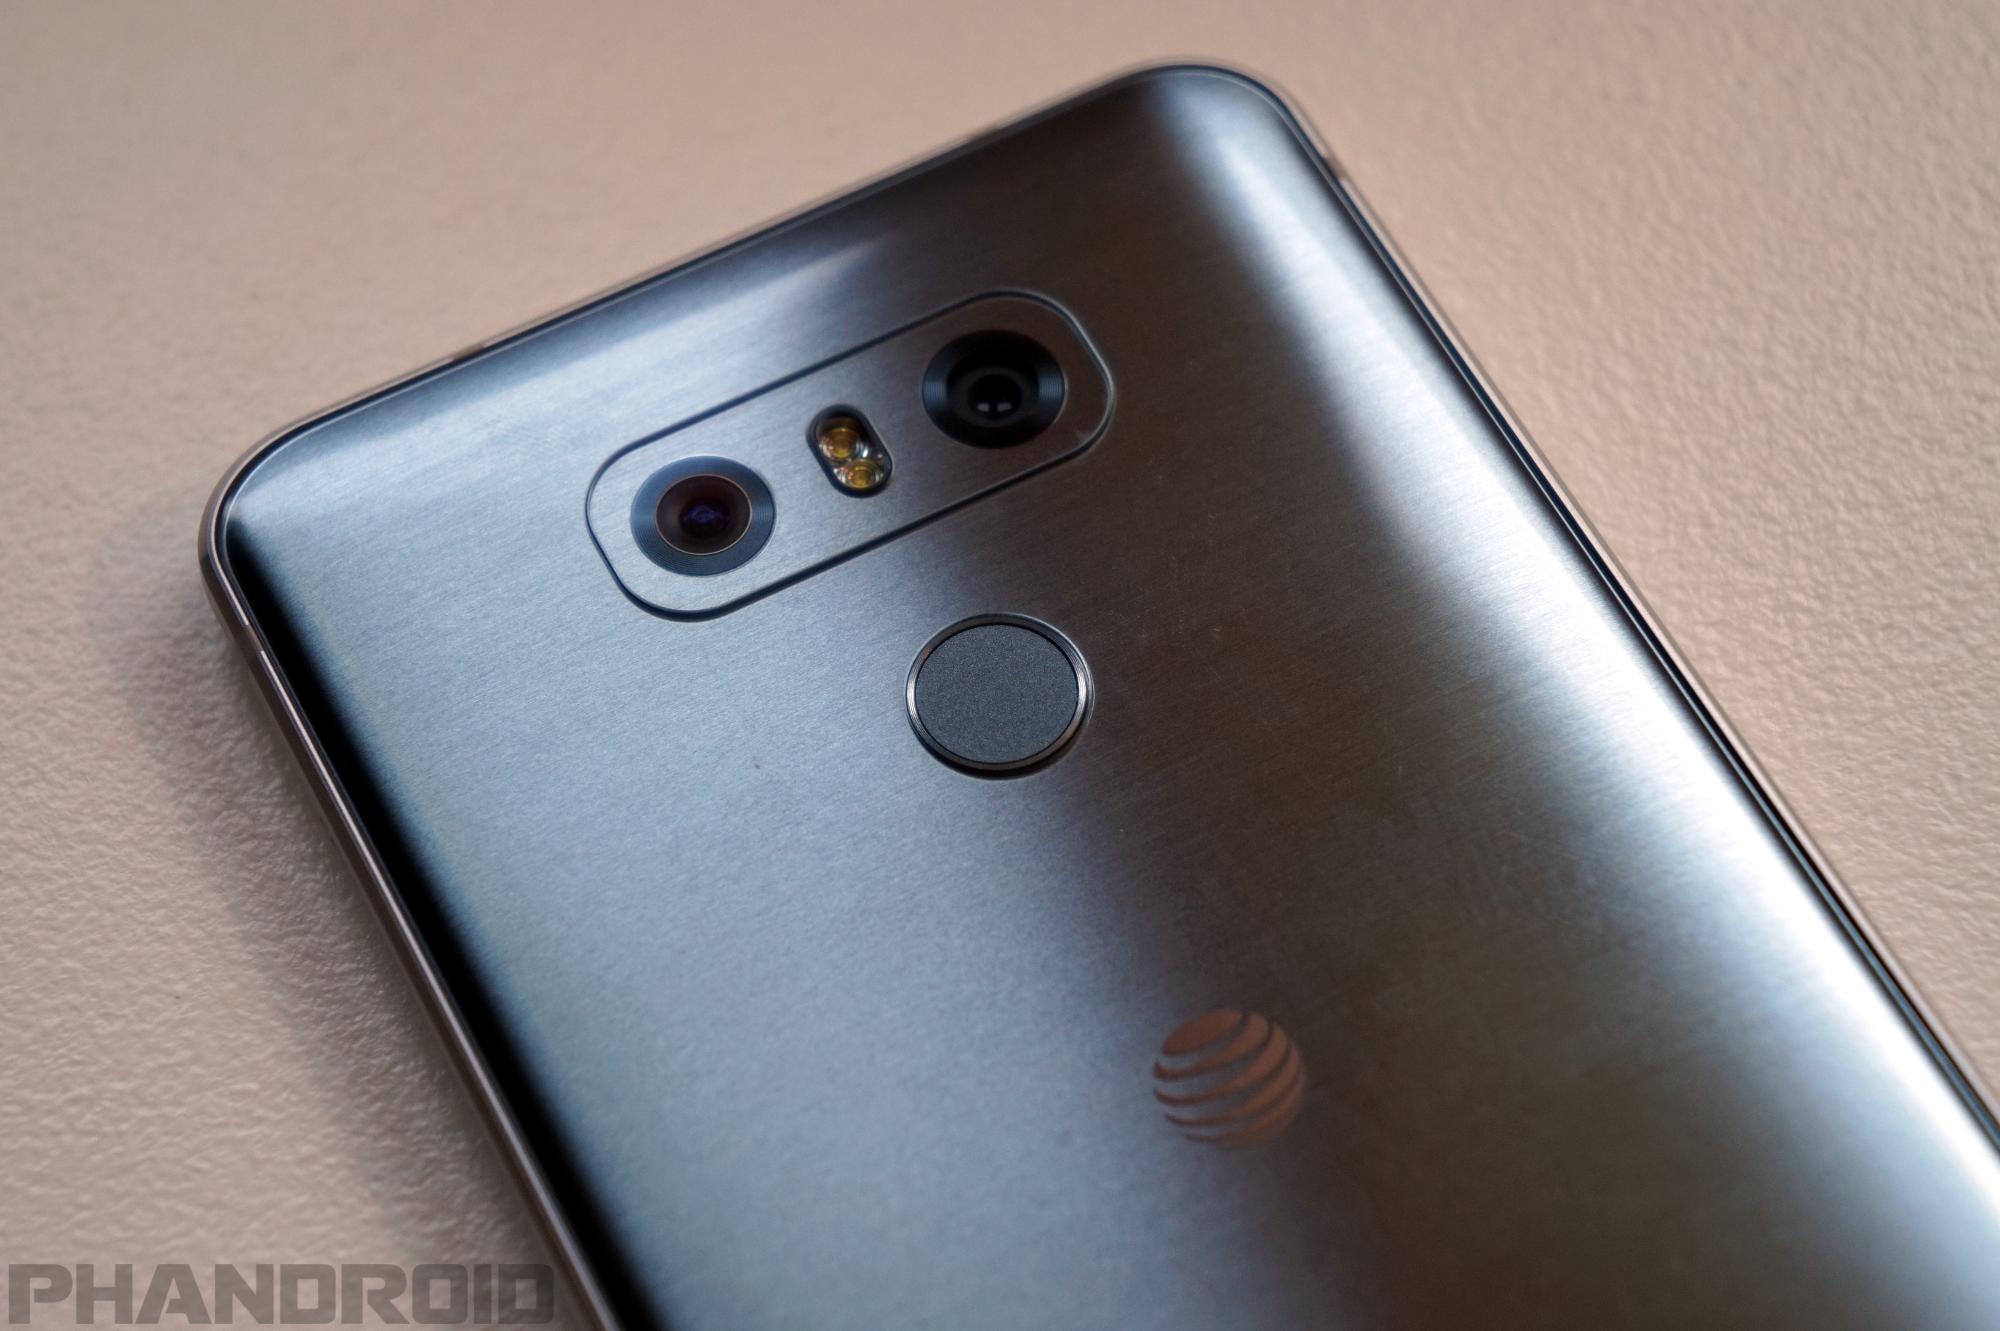 40+ LG G6 Tips & Tricks